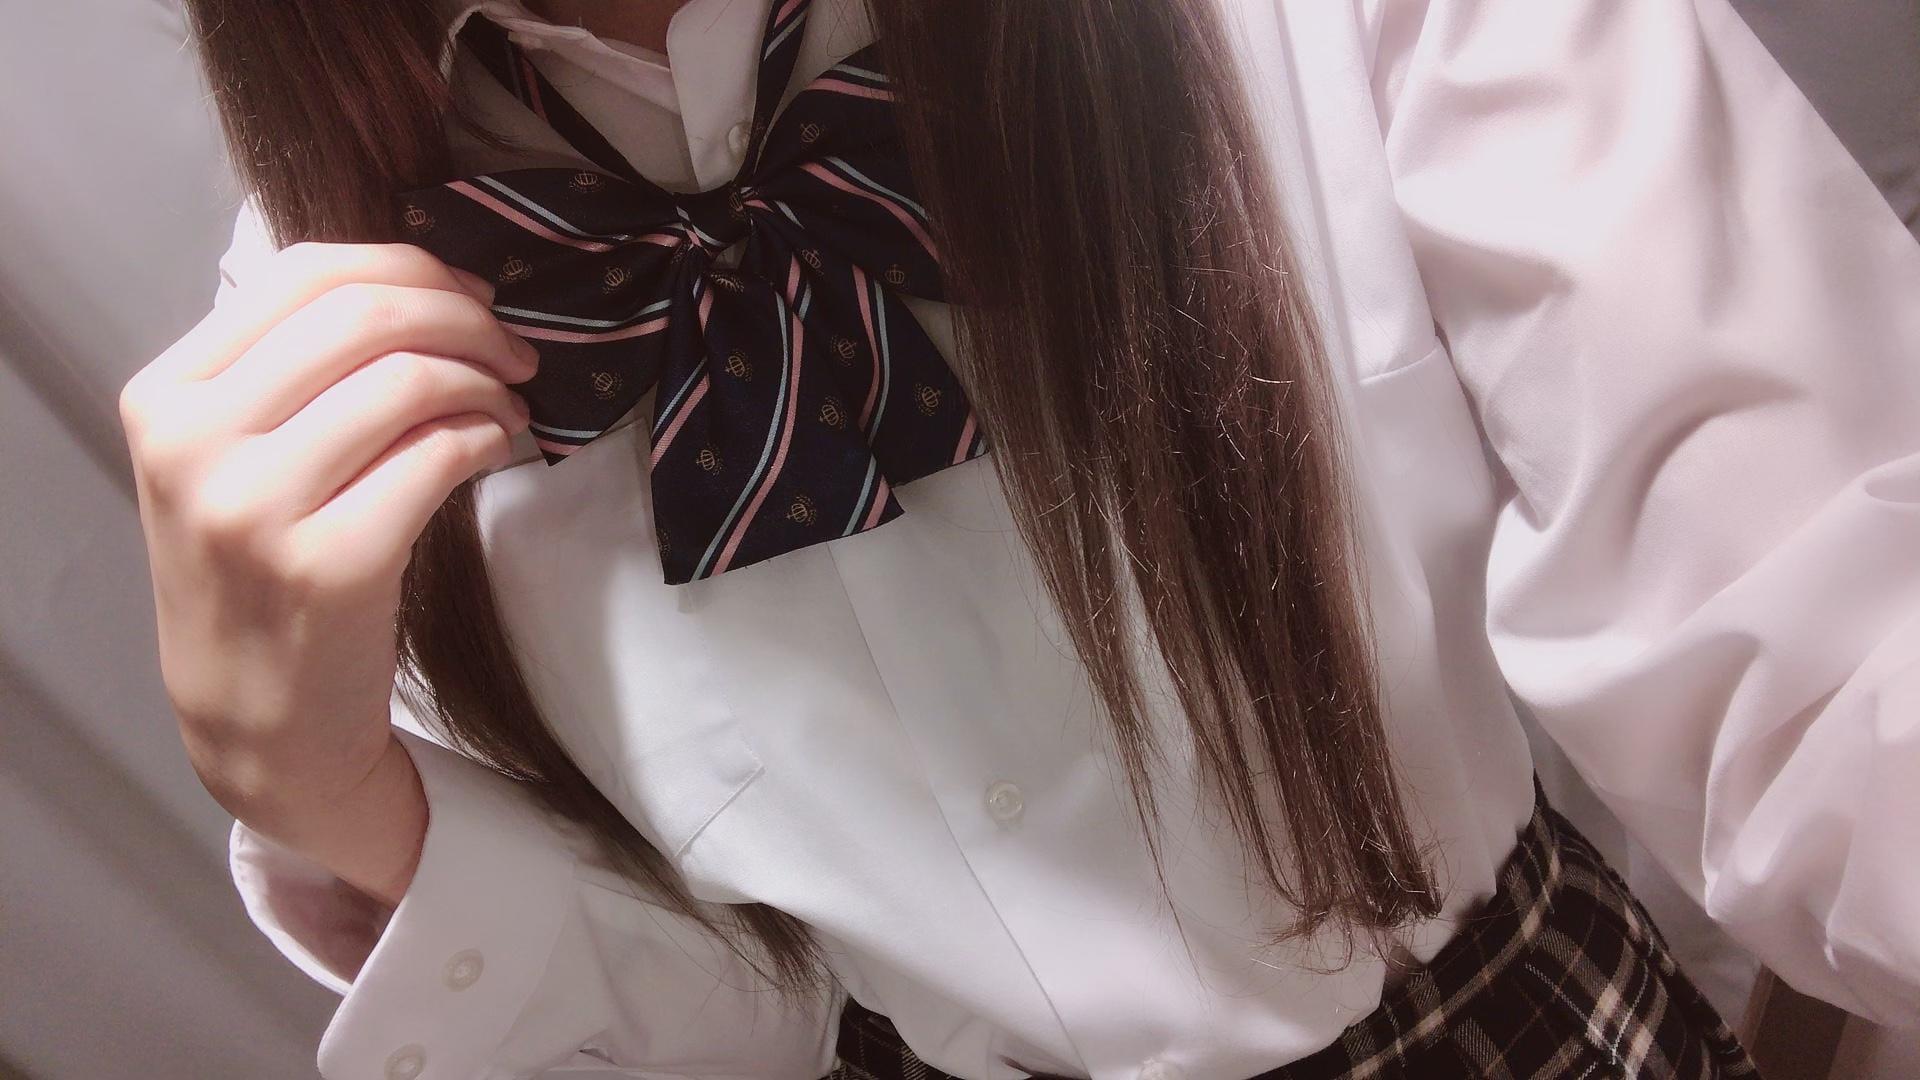 「ドキドキ」06/17(06/17) 20:06 | まりかちゃんの写メ・風俗動画